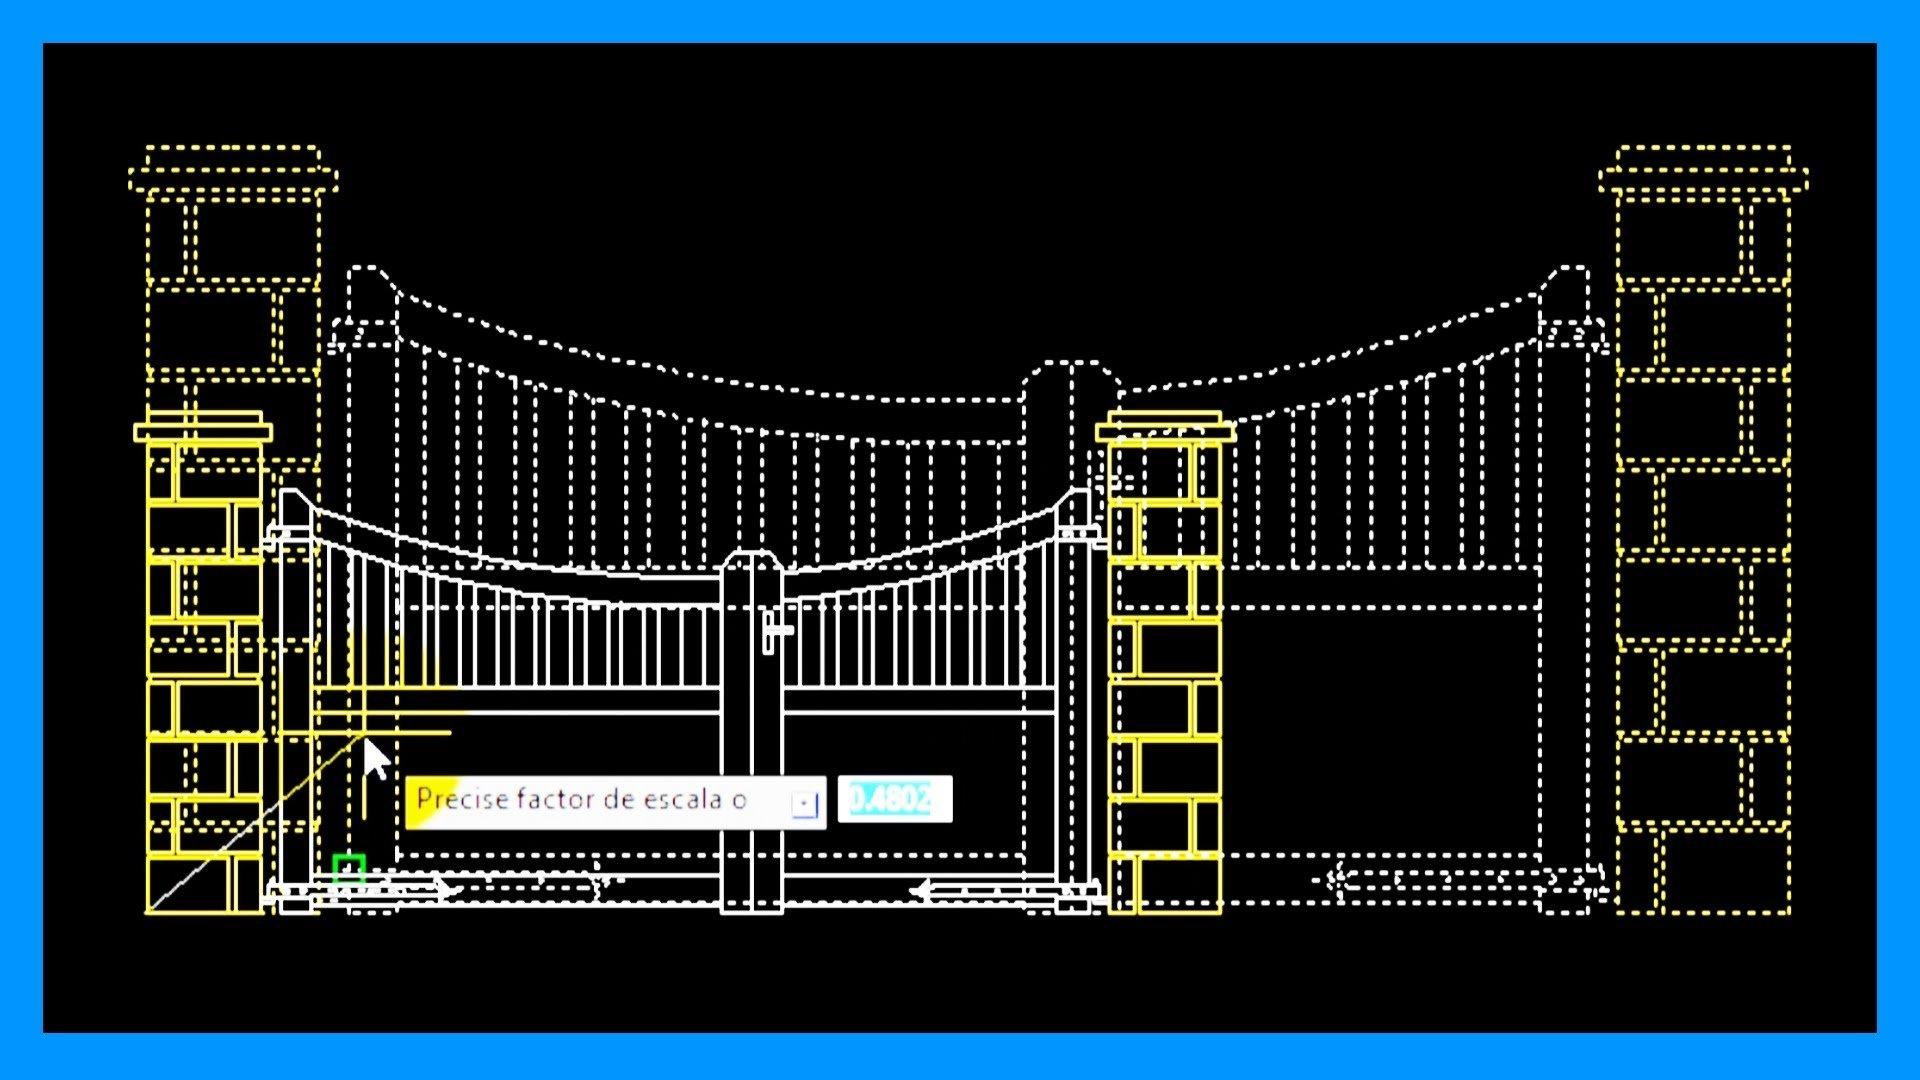 Autocad – Escalar objetos, factor de escala, escalar con referencia.